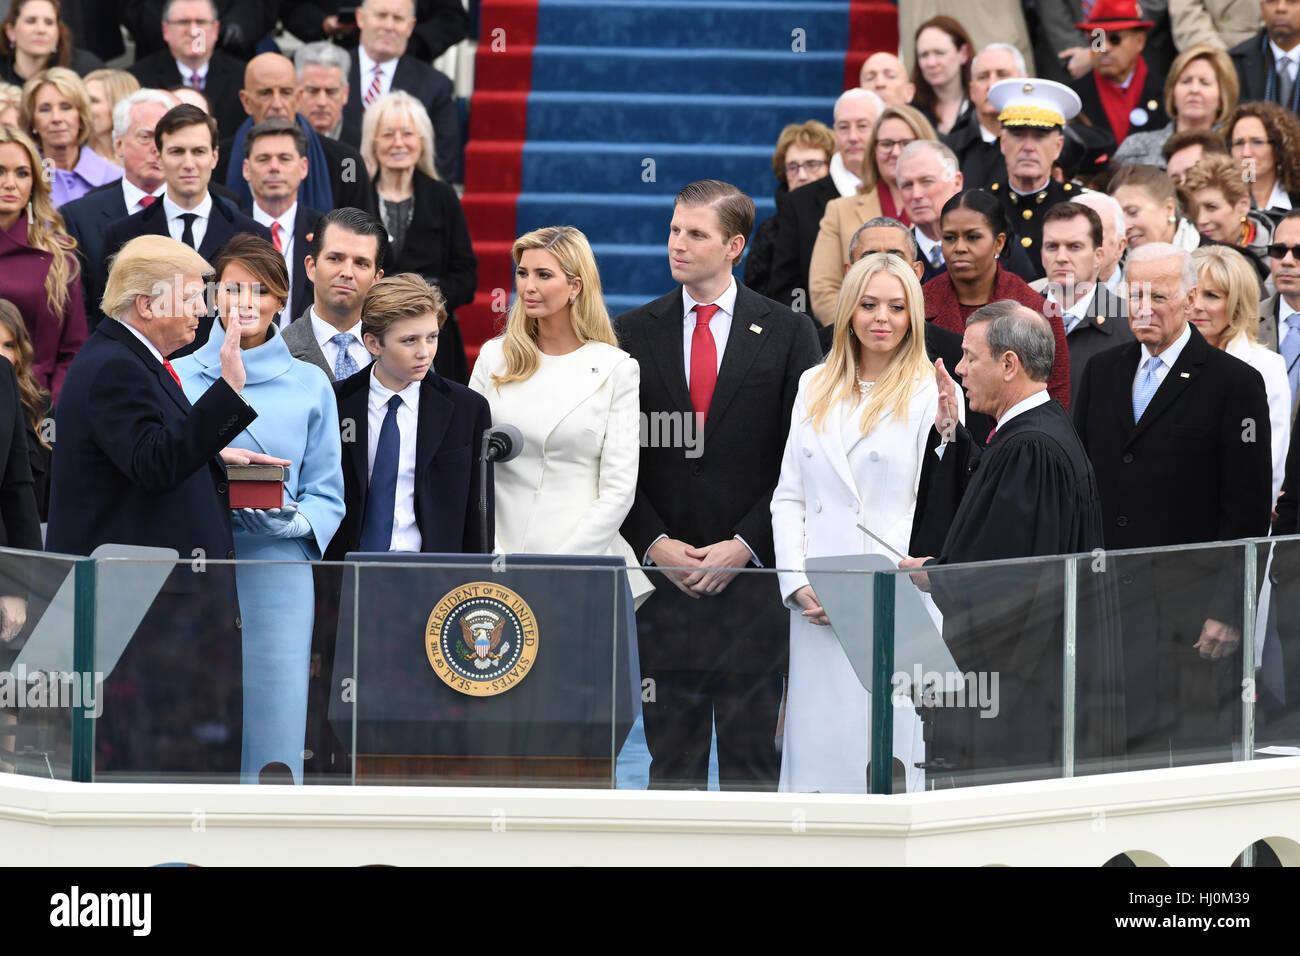 Le président Donald J. Trump prête le serment d'office du juge en chef John Roberts lors de son investiture le 20 Banque D'Images